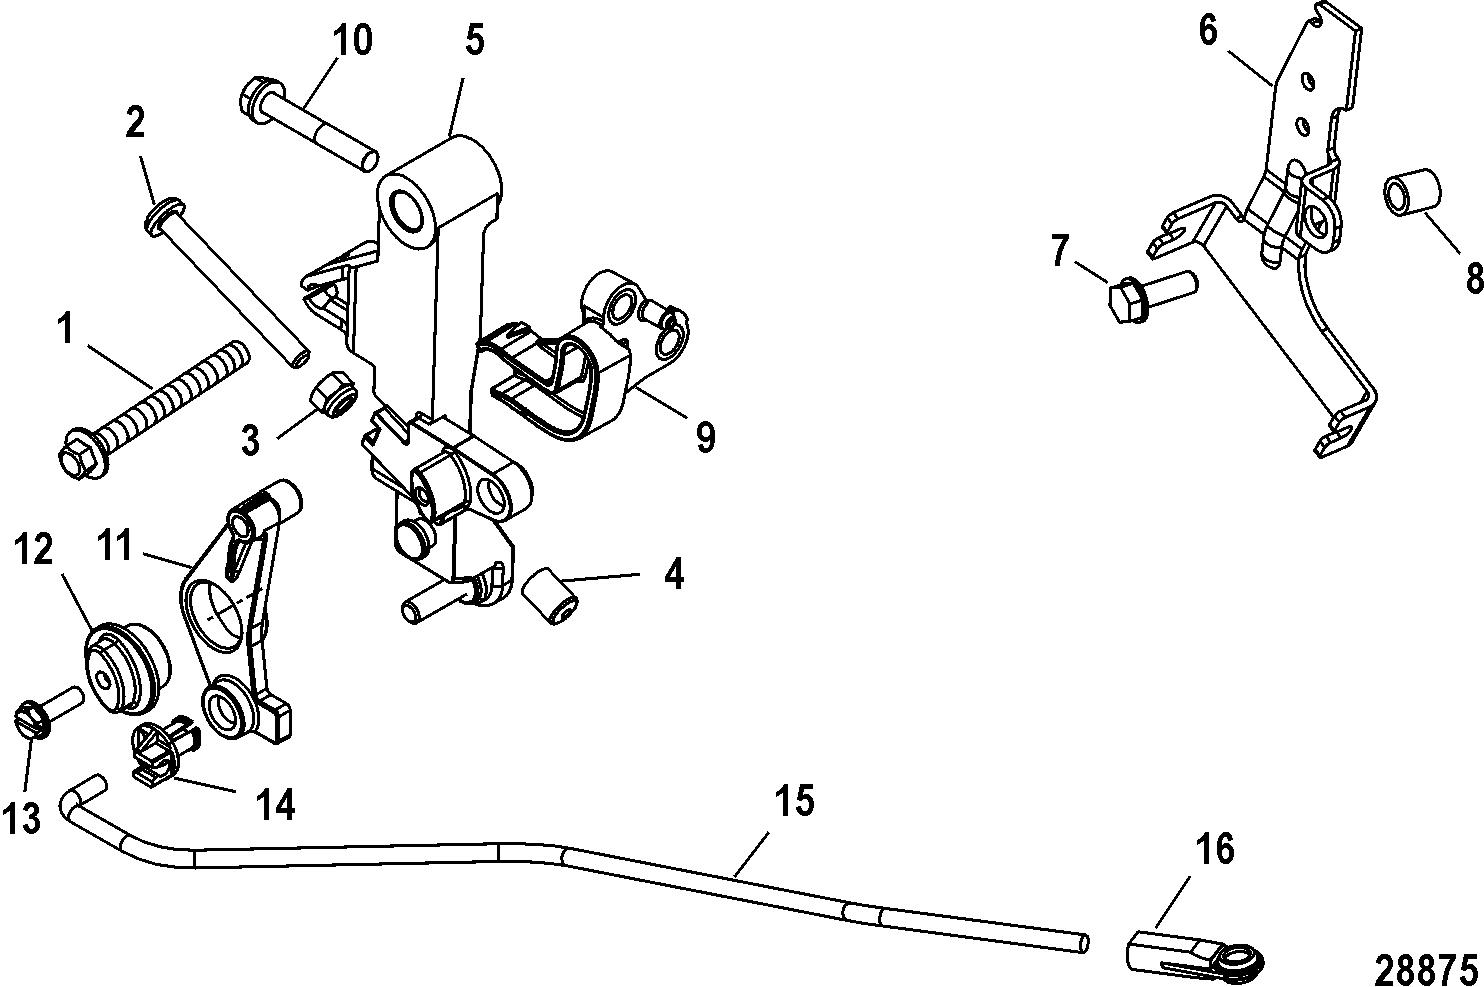 throttle linkage  tiller for mariner    mercury 40  50  60  jet 40 efi